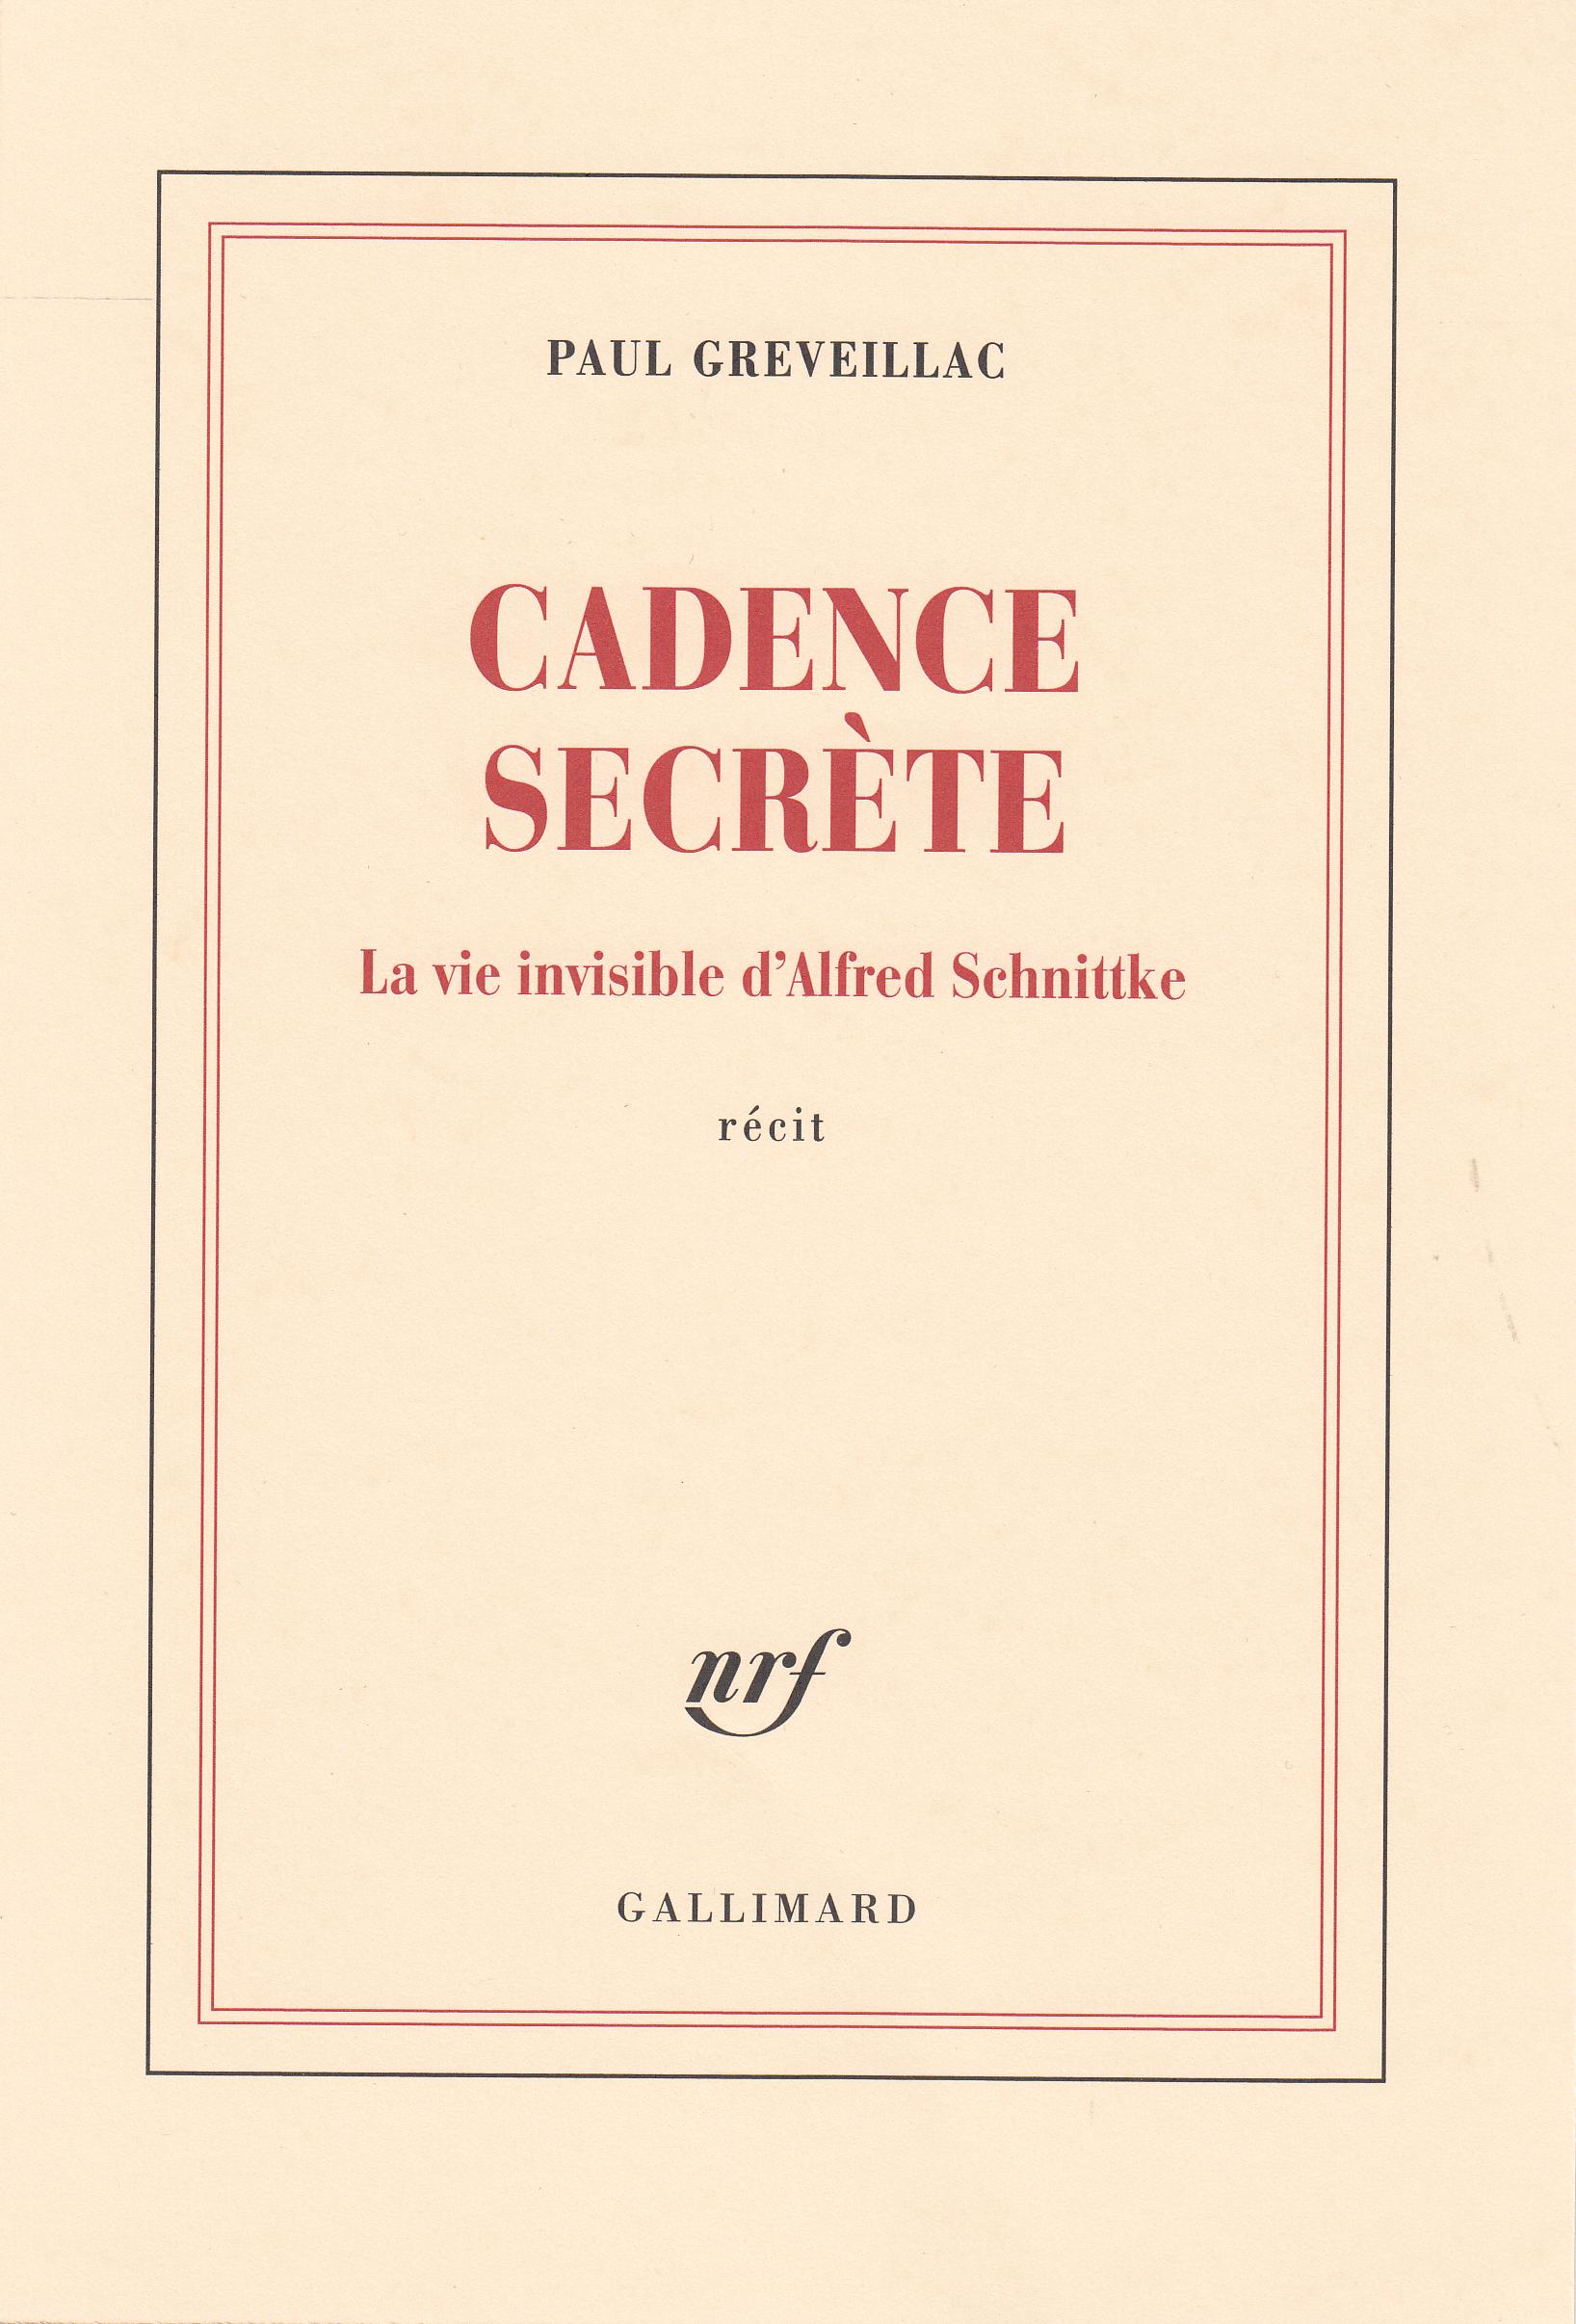 CADENCE SECRETE